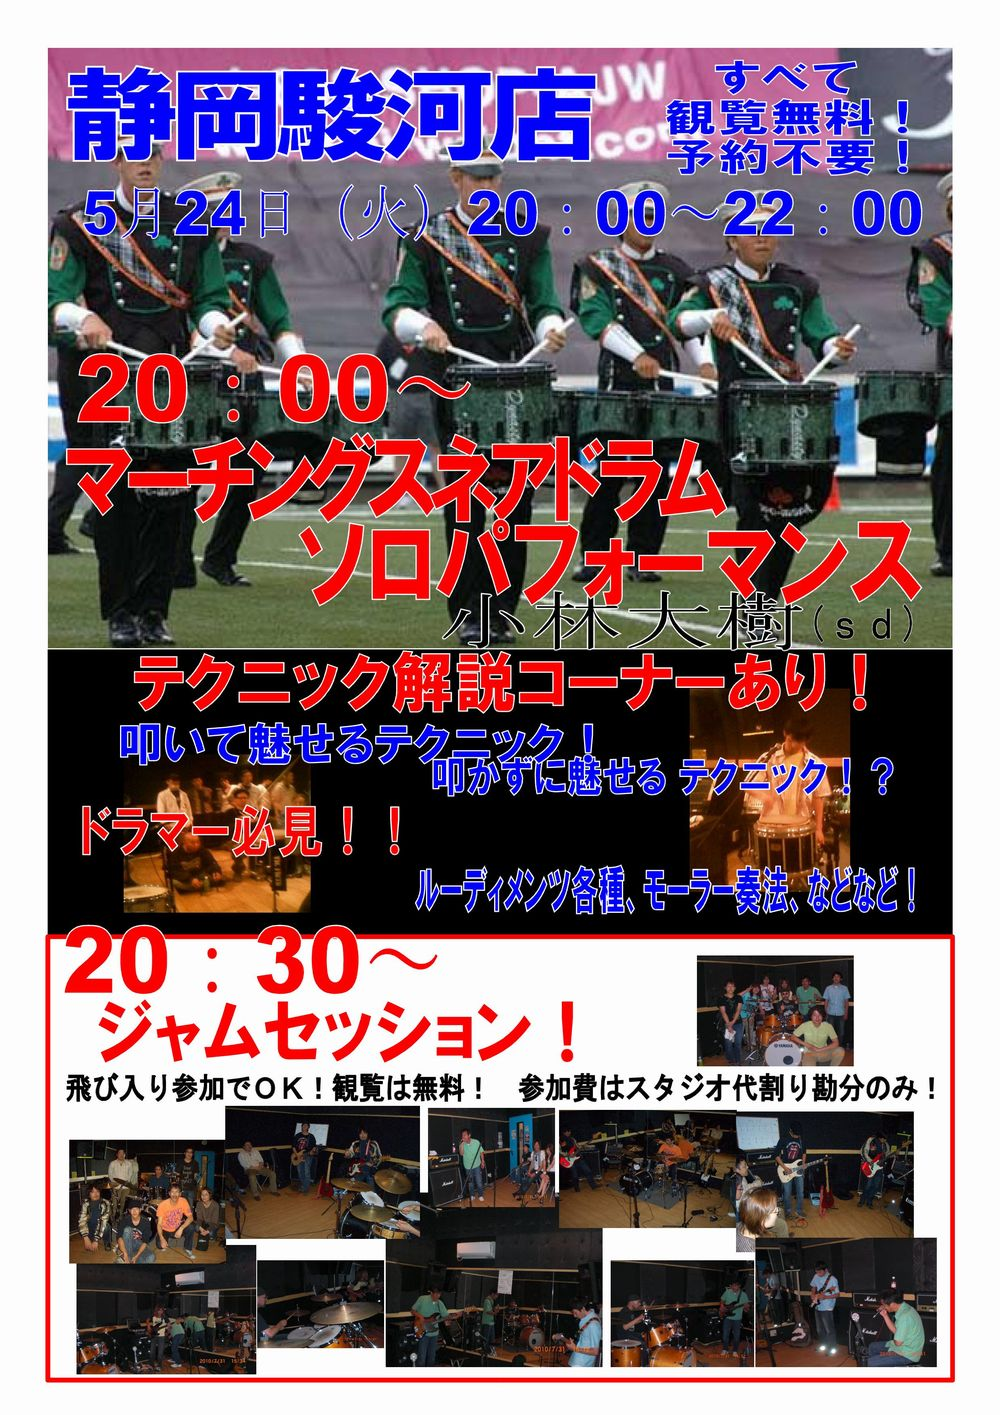 スネアドラムパフォーマンス&セッション天国@静岡駿河店5月24日(火)開催!